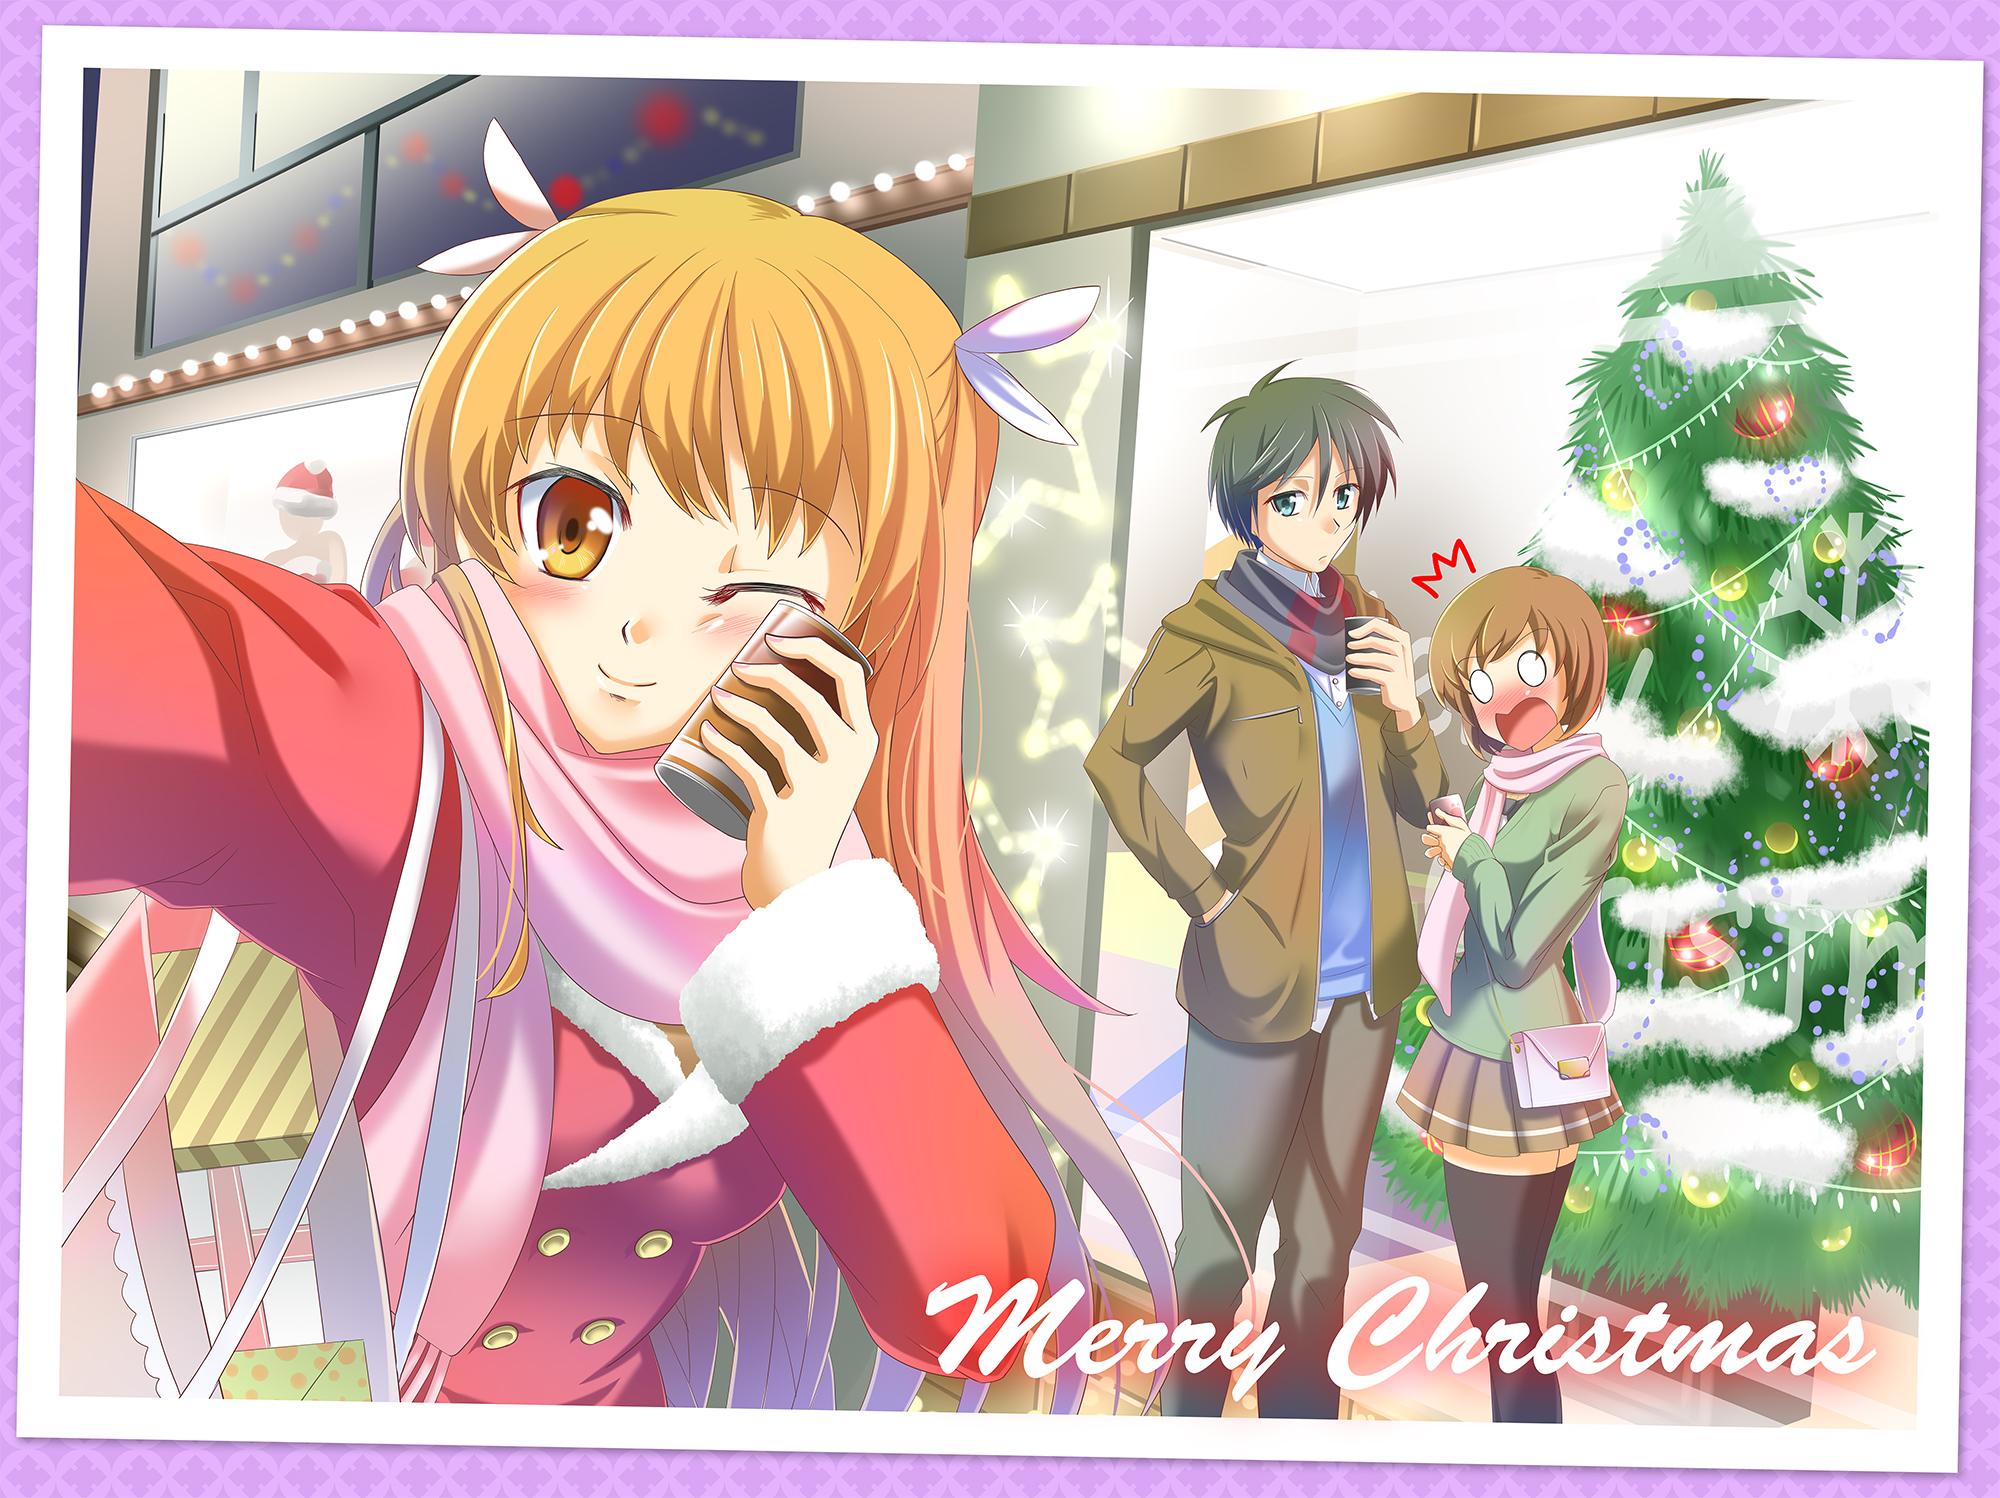 『お兄ちゃんのクリスマスデートをチェキ☆』